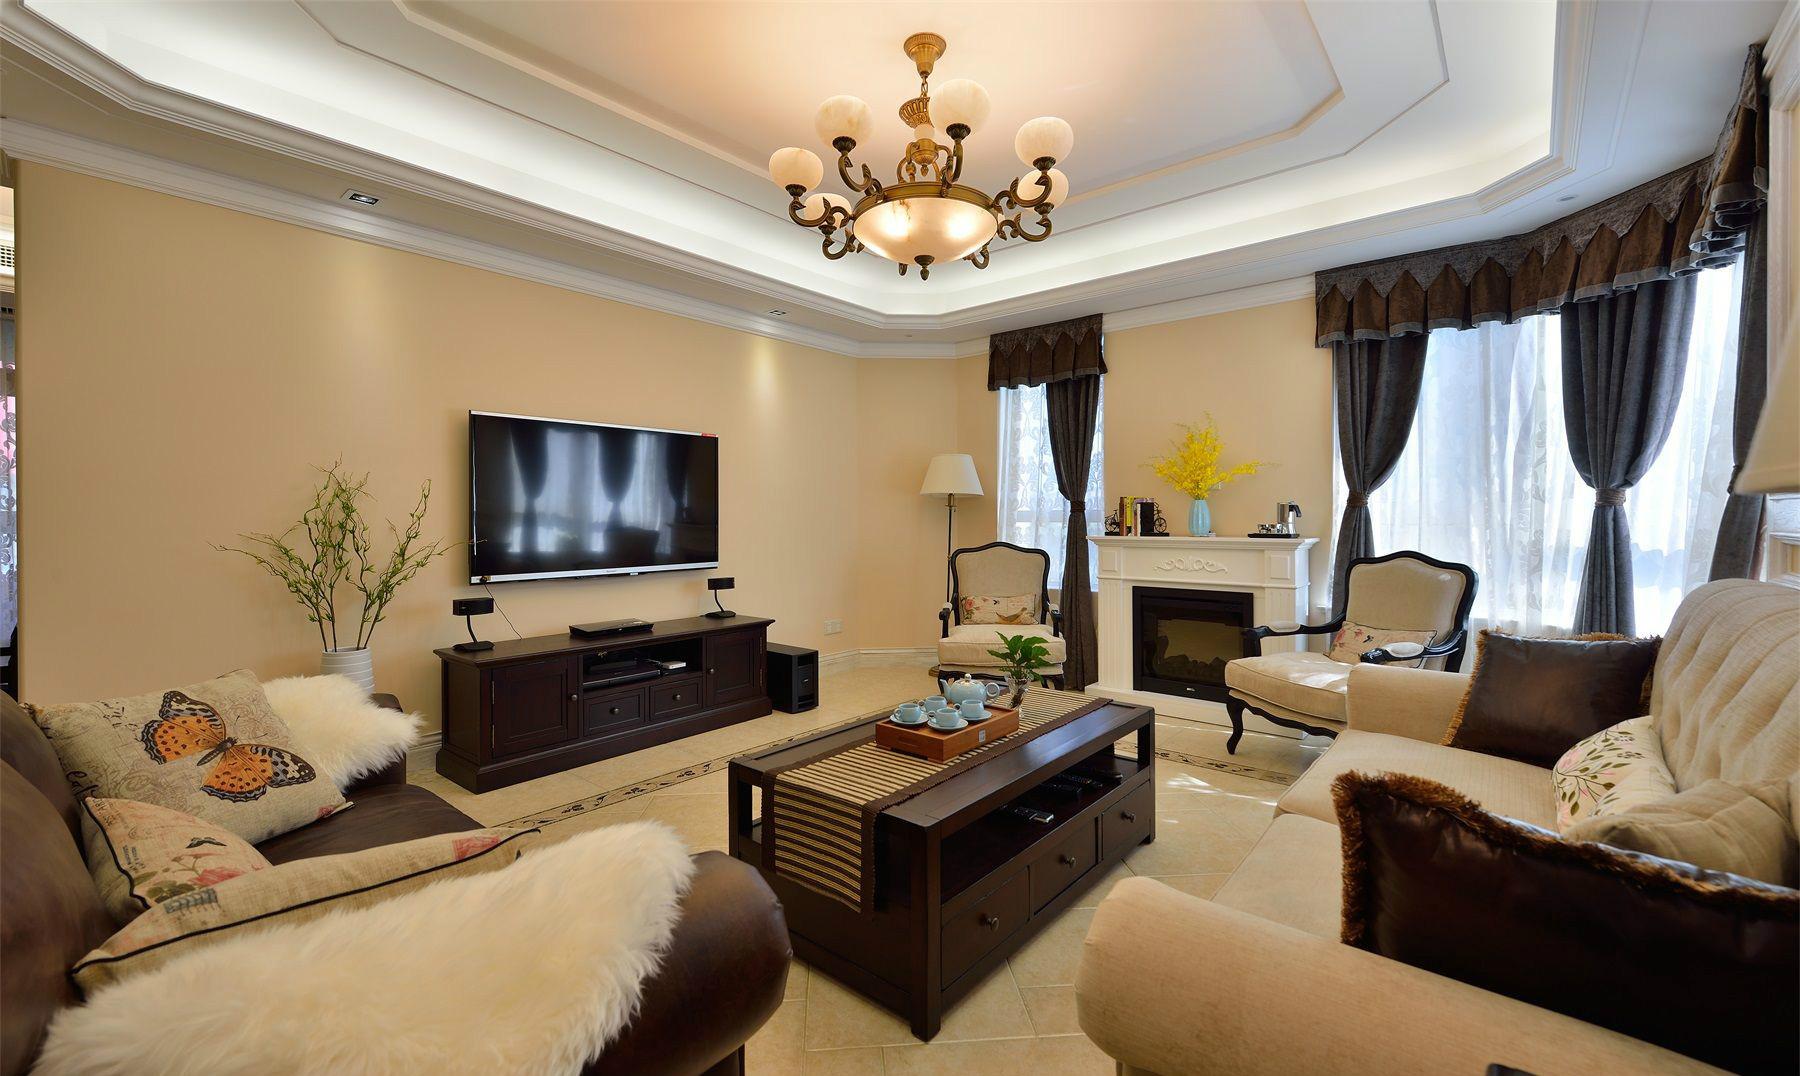 客厅色调用的是偏暖色系的基调,给人特别温馨舒适的感觉,特有家的归宿感